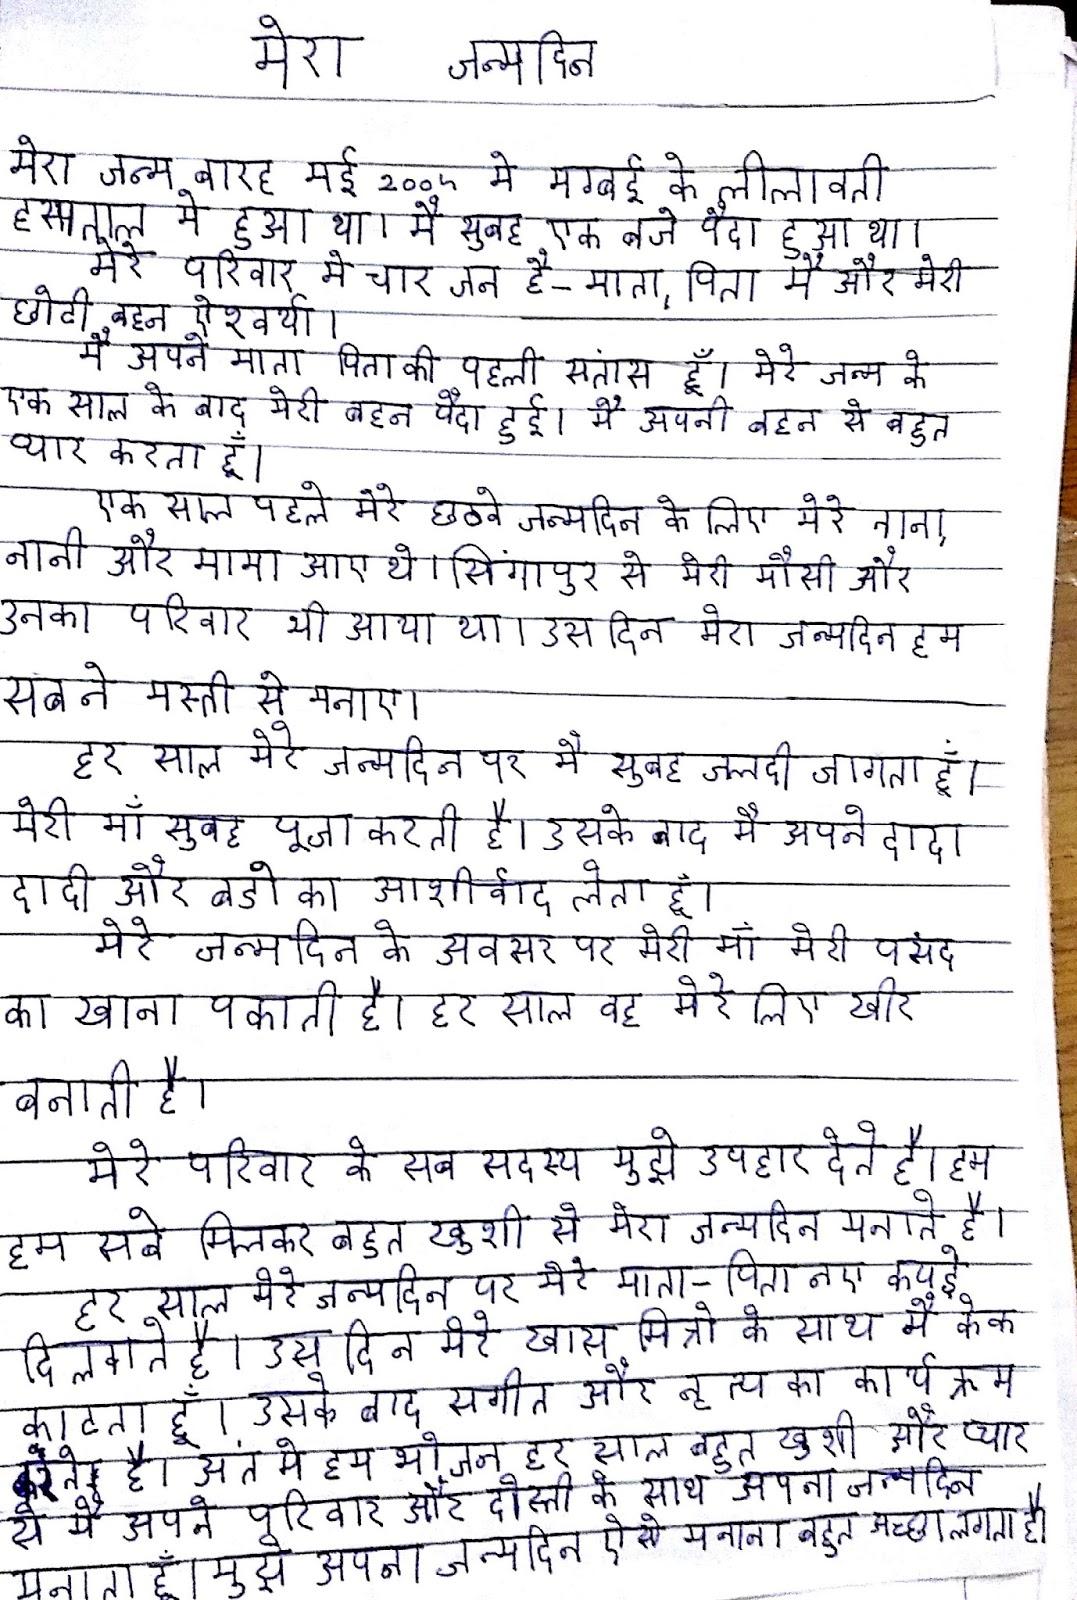 essay in hindi bagicha Water pollution essay in hindi जल प्रदूषण के बारे में दुनिया में सबसे लंबा – general knowledge series (part चूहा क्यों कुतरता है घर के सामान .